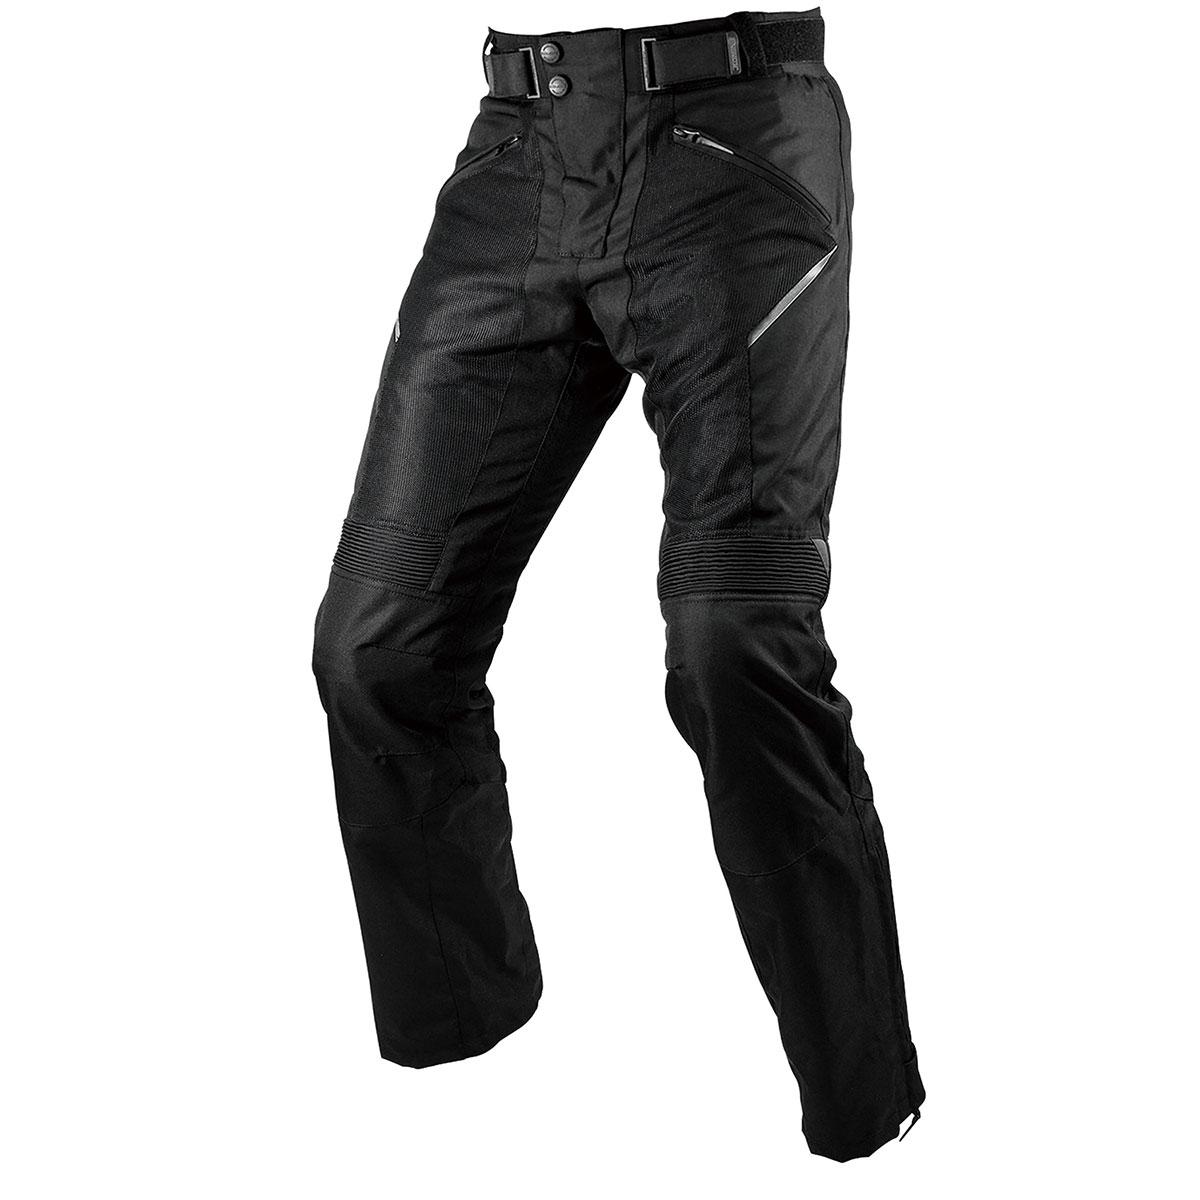 コミネ (Komine) バイク用 パンツ Pants PK-743 プロテクトライディングメッシュパンツ ブラック 黒 Lサイズ 07-743/BK/L